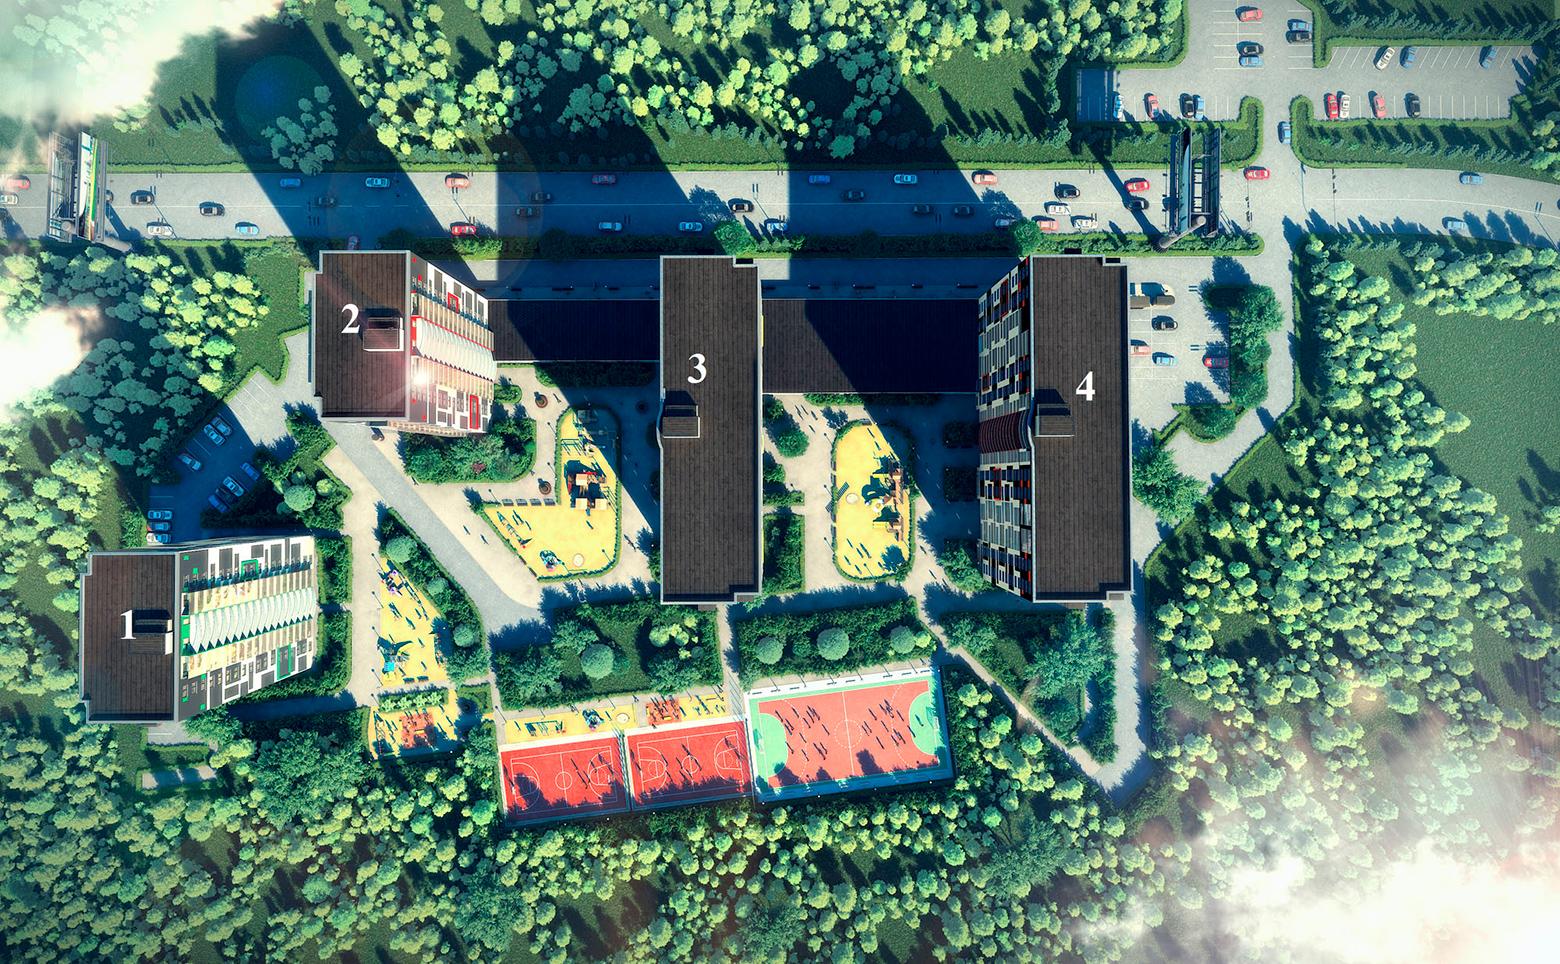 План жилого комплекса ЖК Гольфстрим